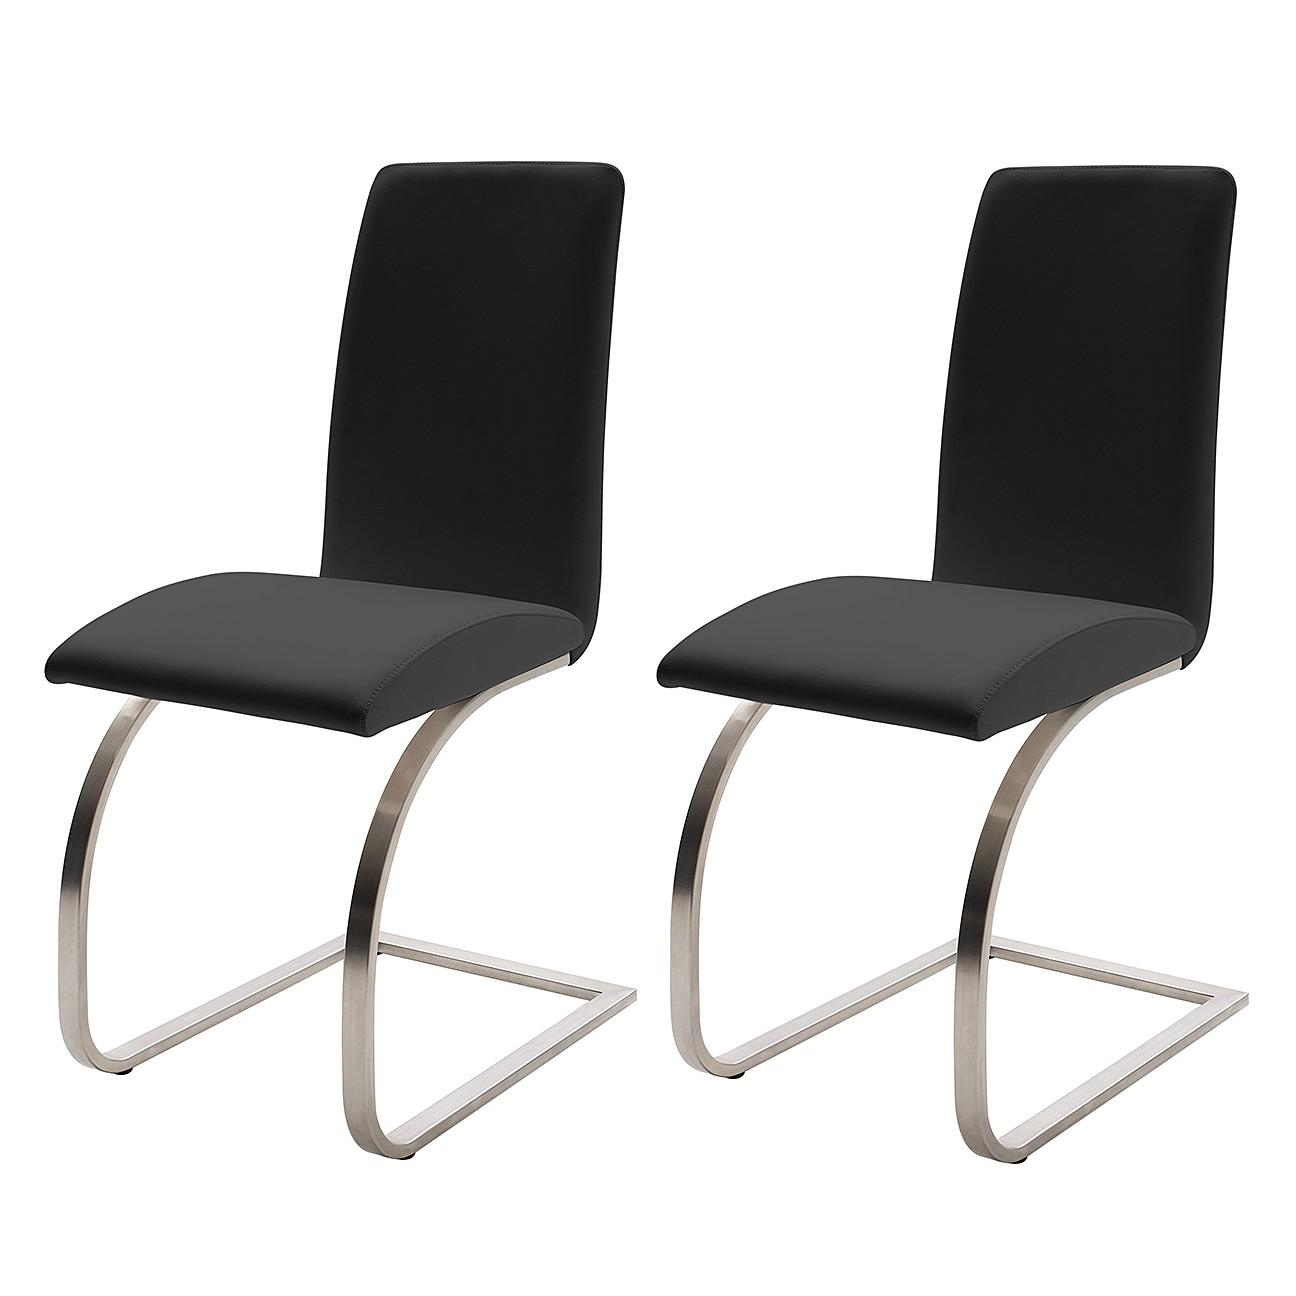 Stühle weiß grau  Echtleder Freischwinger online kaufen | Möbel-Suchmaschine ...